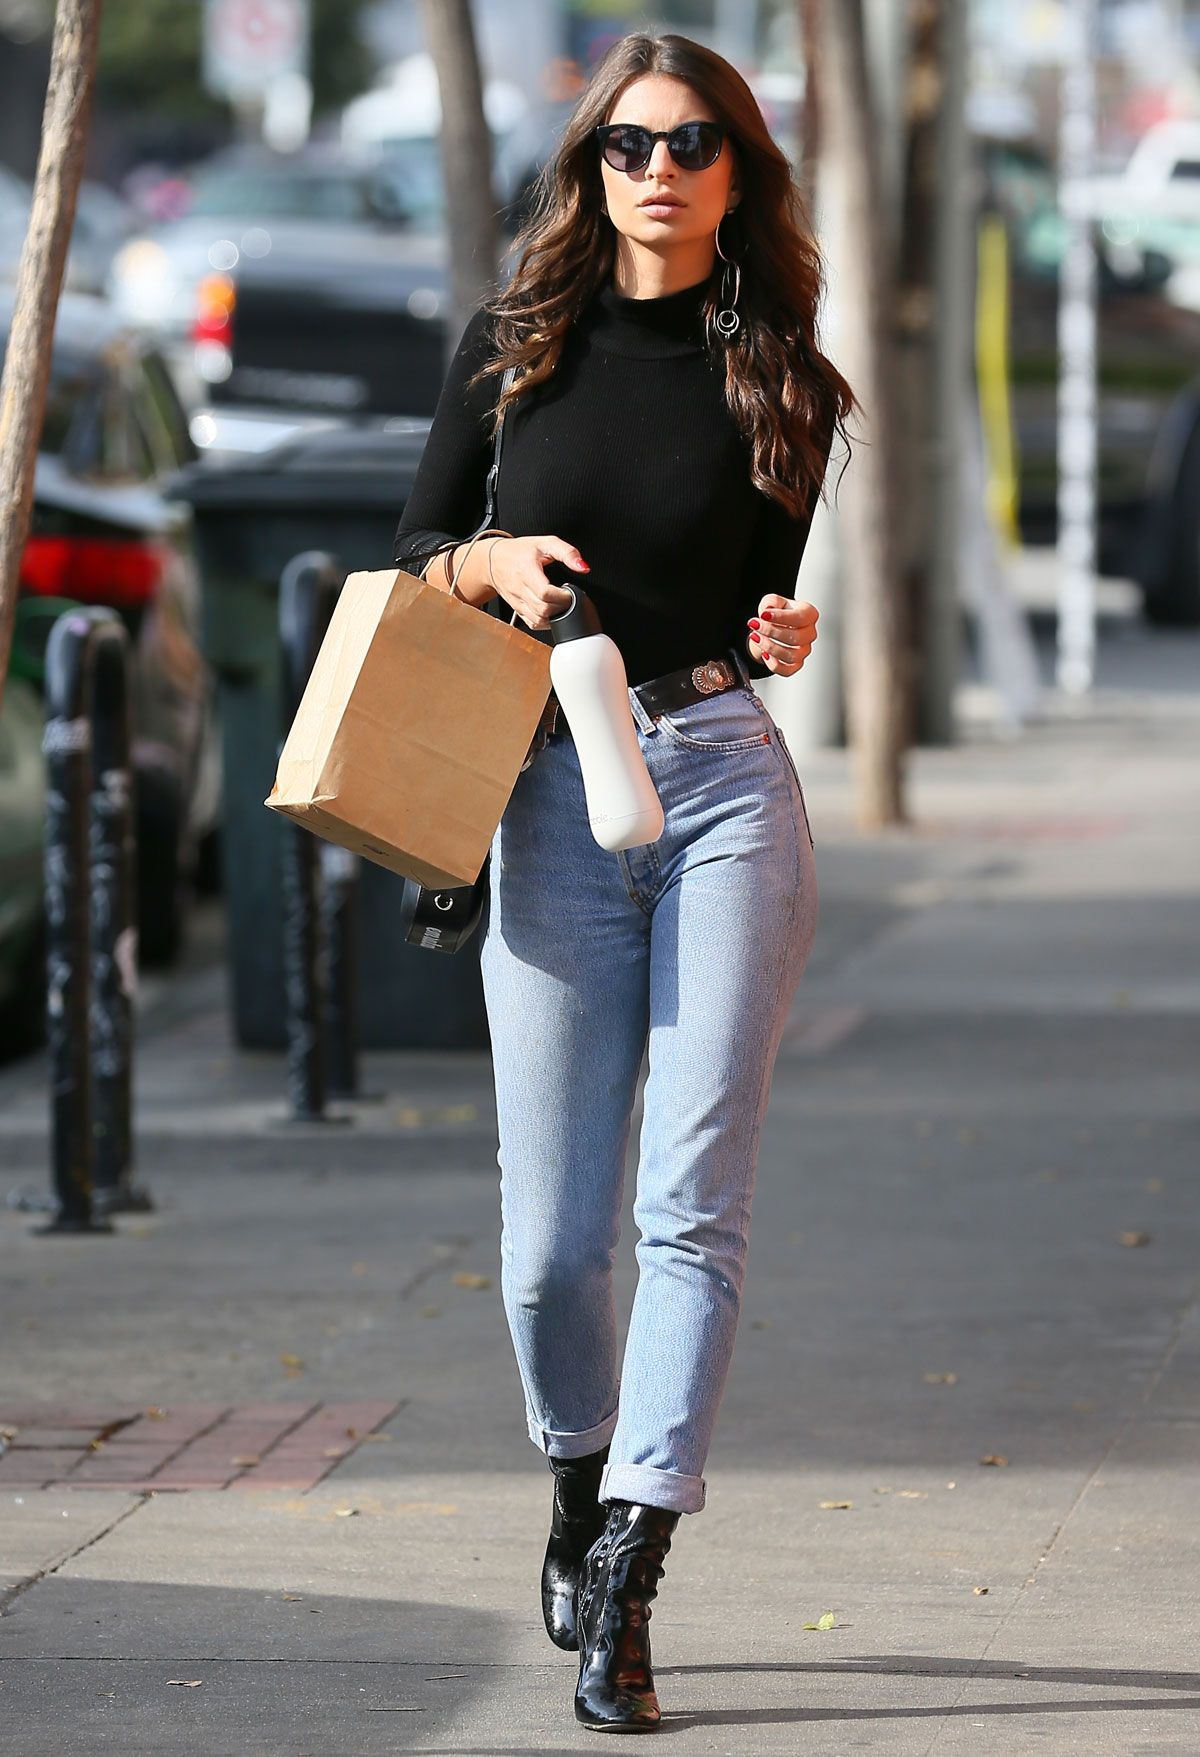 style les meilleurs looks de la semaine top model mode femme jeans tenue glamour et look. Black Bedroom Furniture Sets. Home Design Ideas